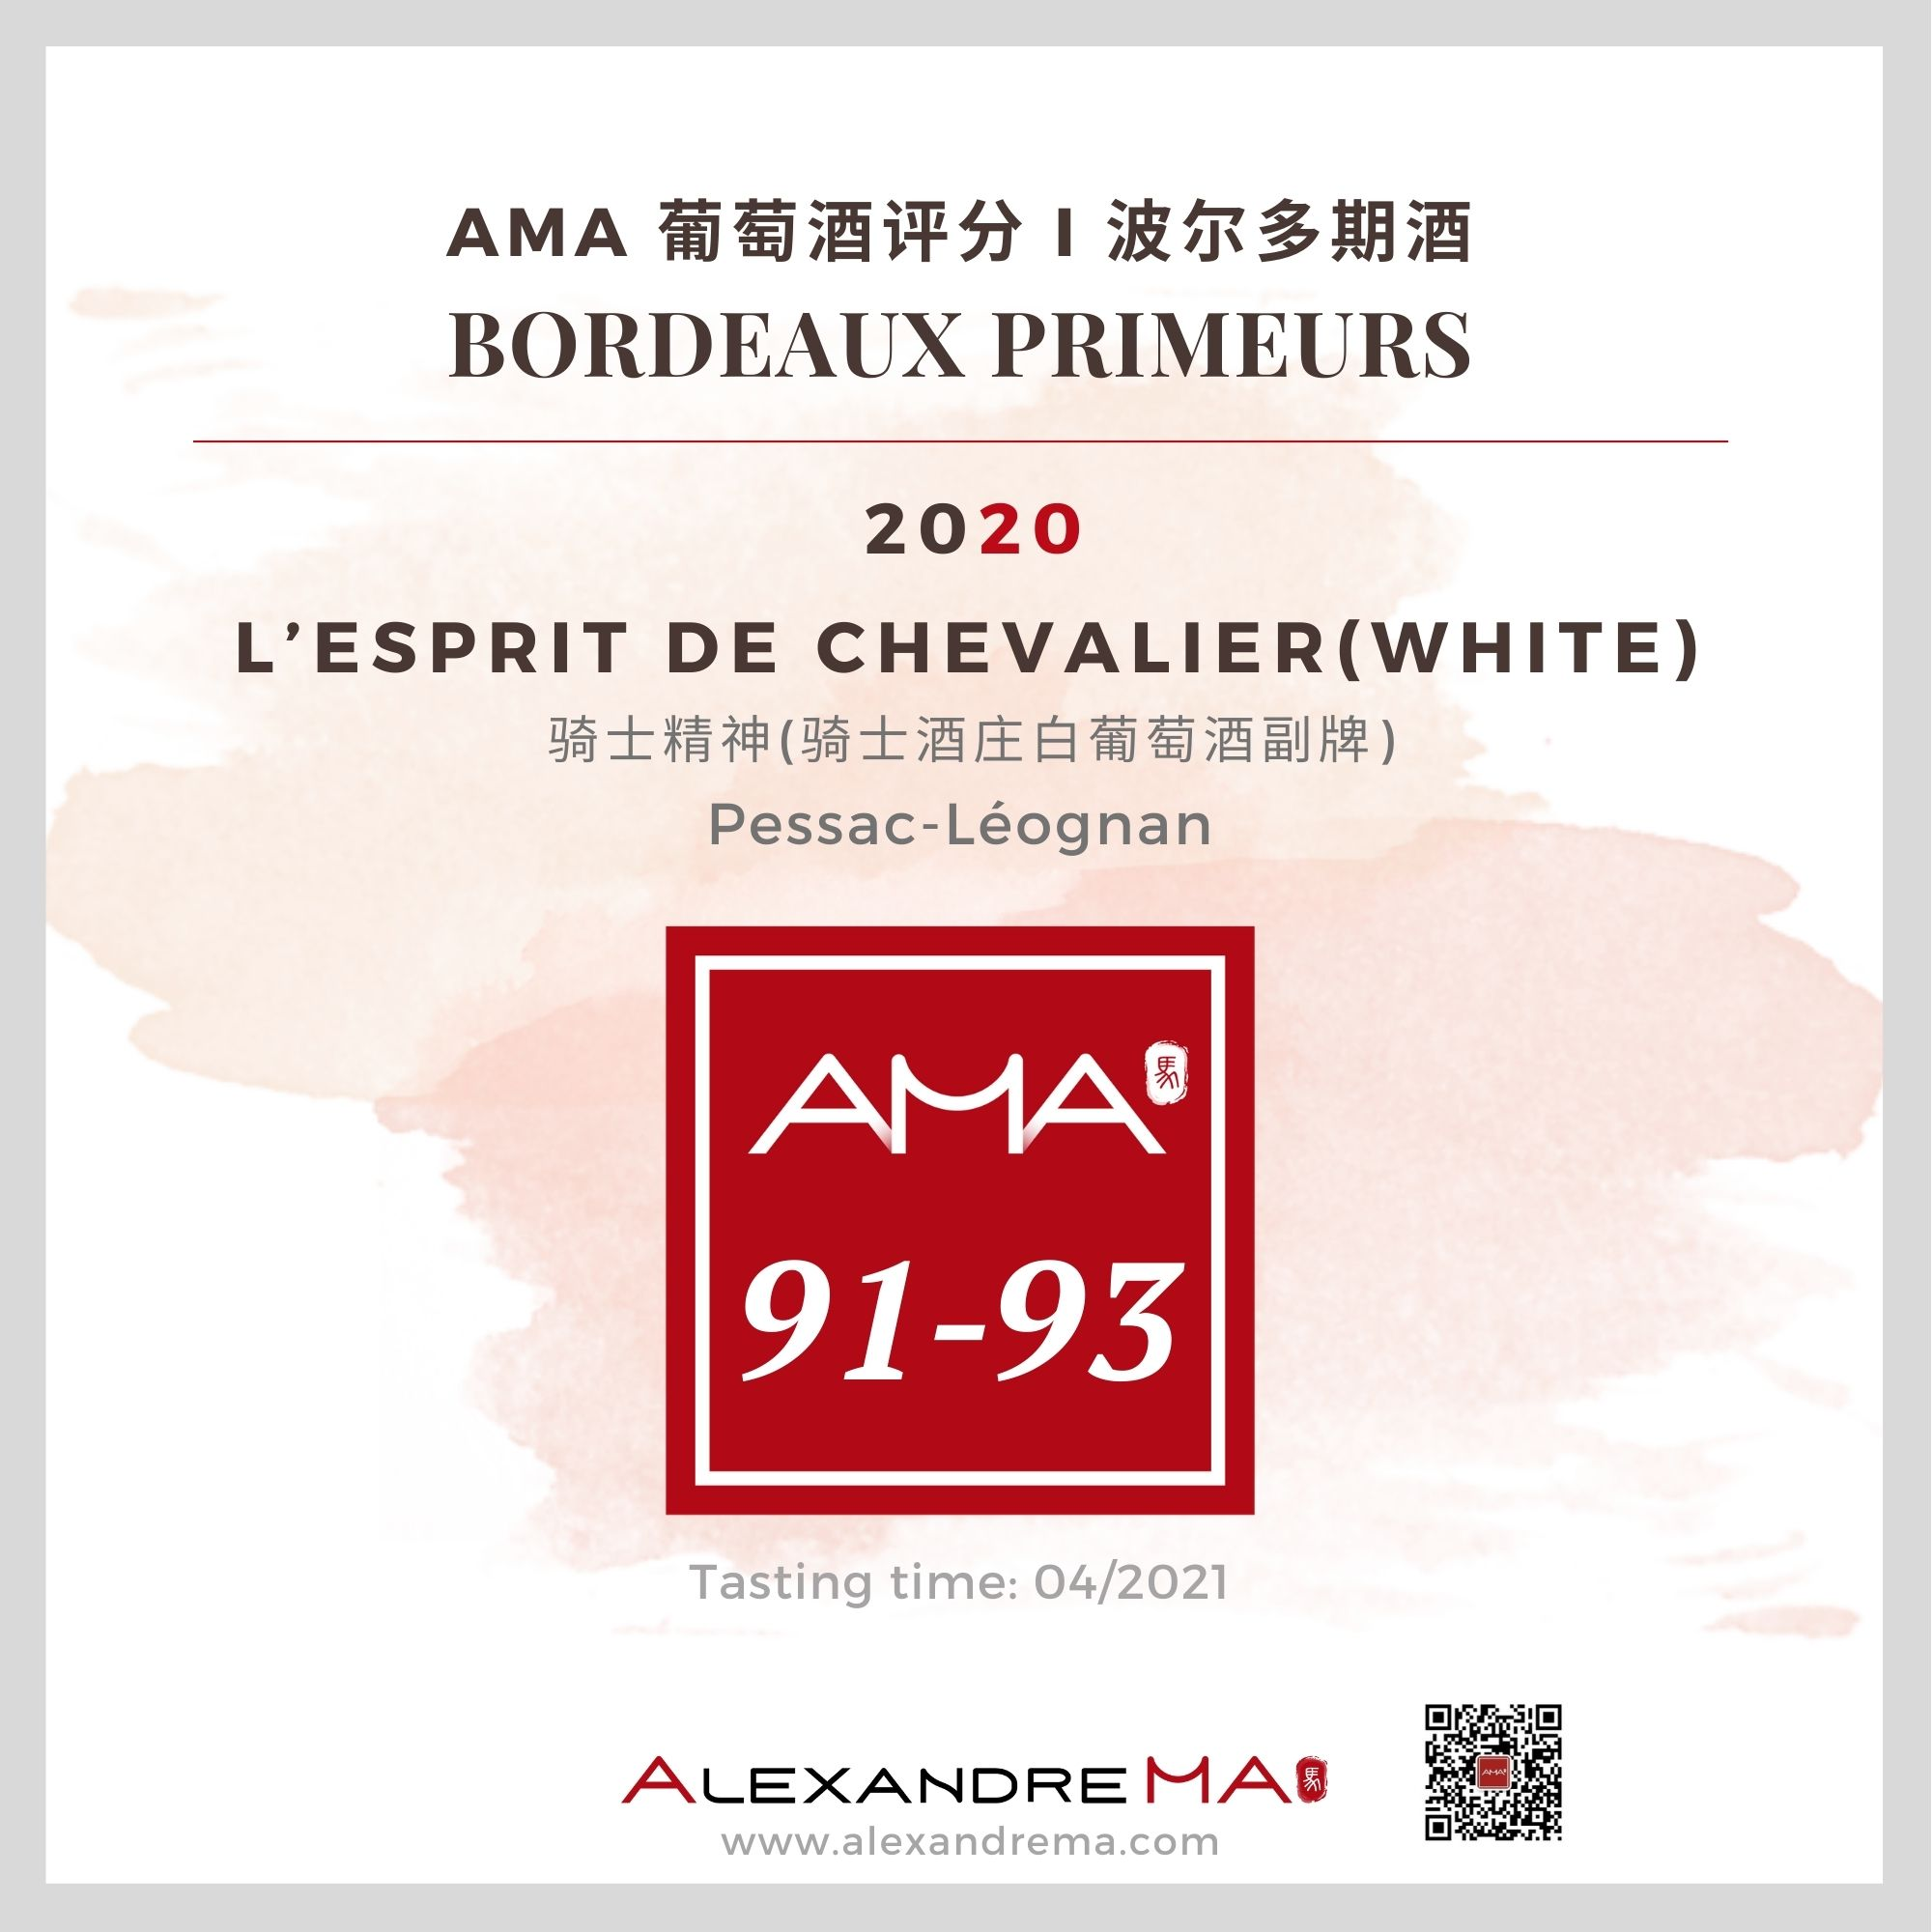 Domaine de Chevalier – L'Esprit de Chevalier White 2020 骑士精神 - Alexandre Ma